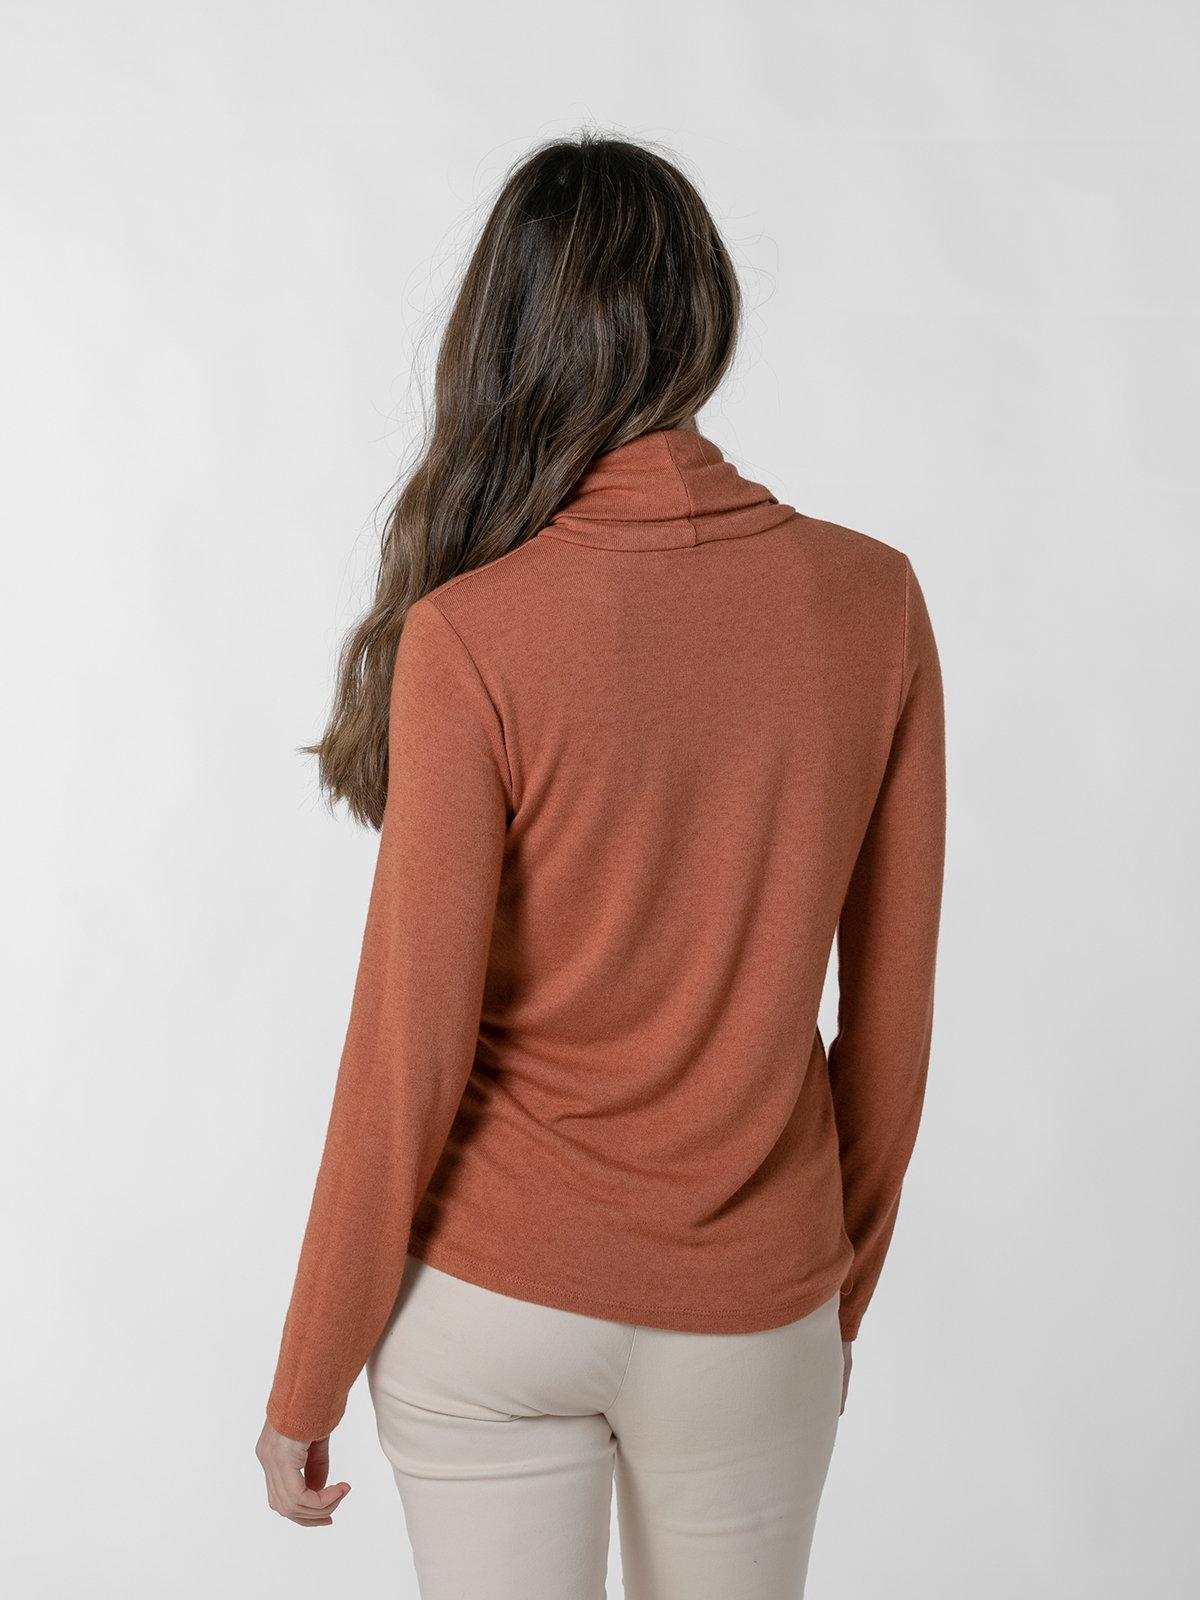 Jersey fino cuello alto mujer Teja